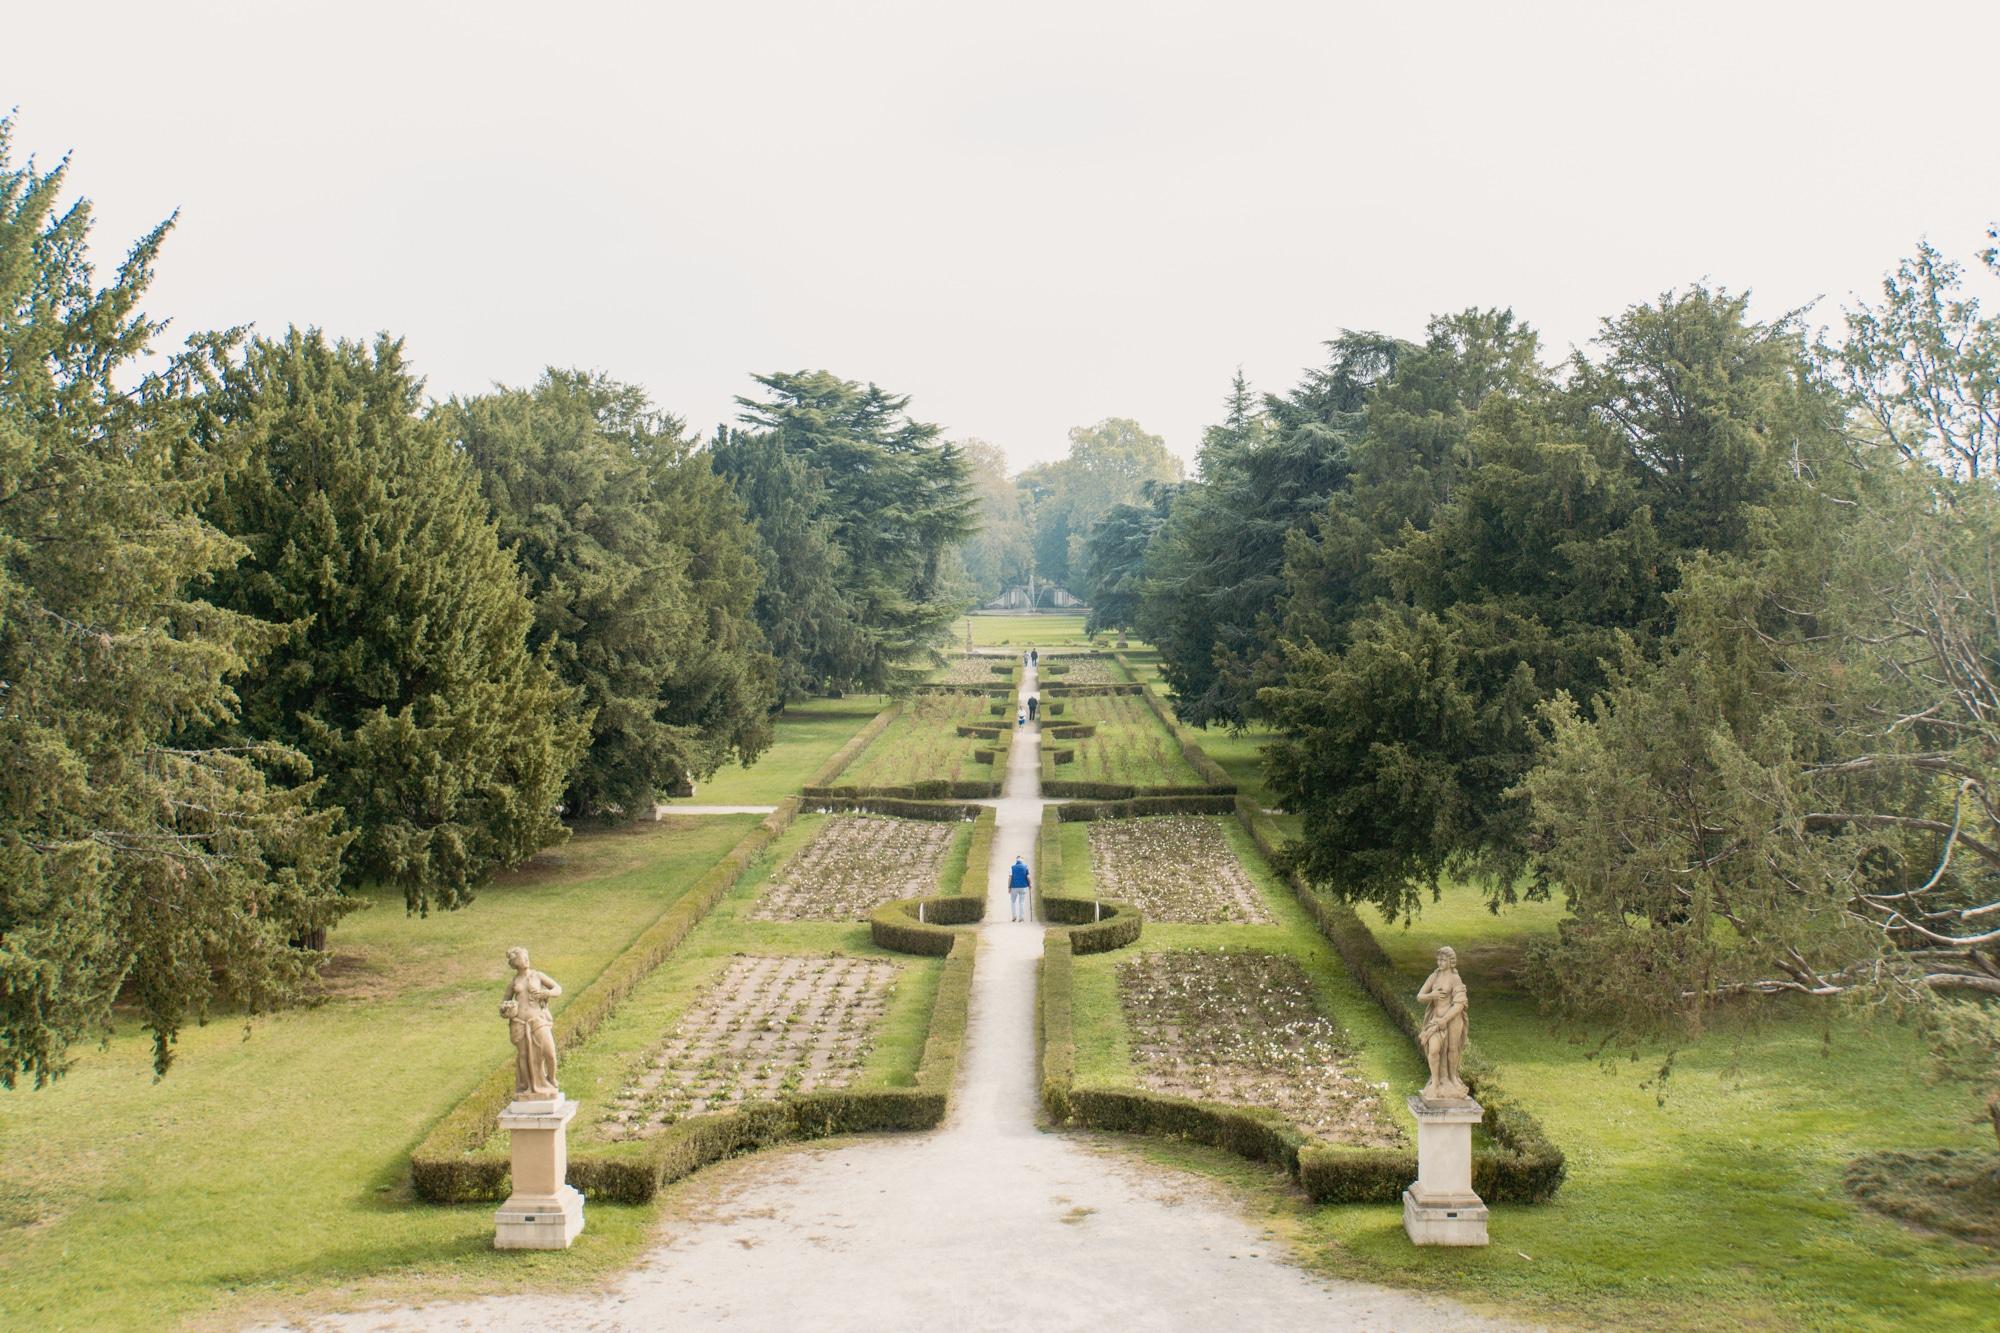 Monza und Brianza: Sehenswürdigkeiten und Highlights in der Lombardei - Palazzo Arese Borromeo Garten